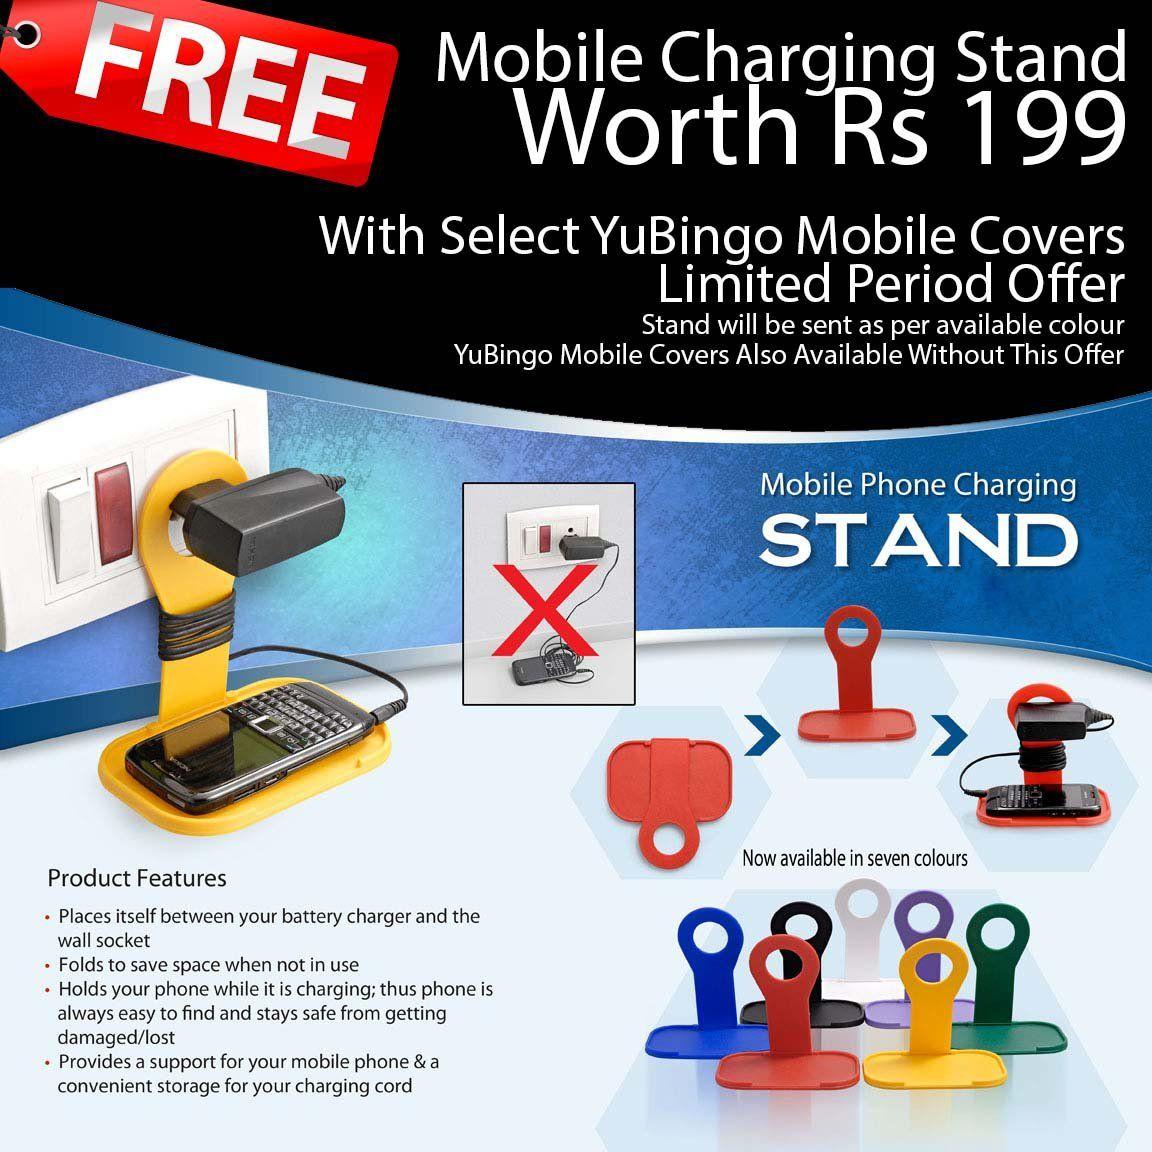 af221aeab18 Samsung Galaxy J3 Pro 3D Back Covers By YuBingo - Printed Back ...